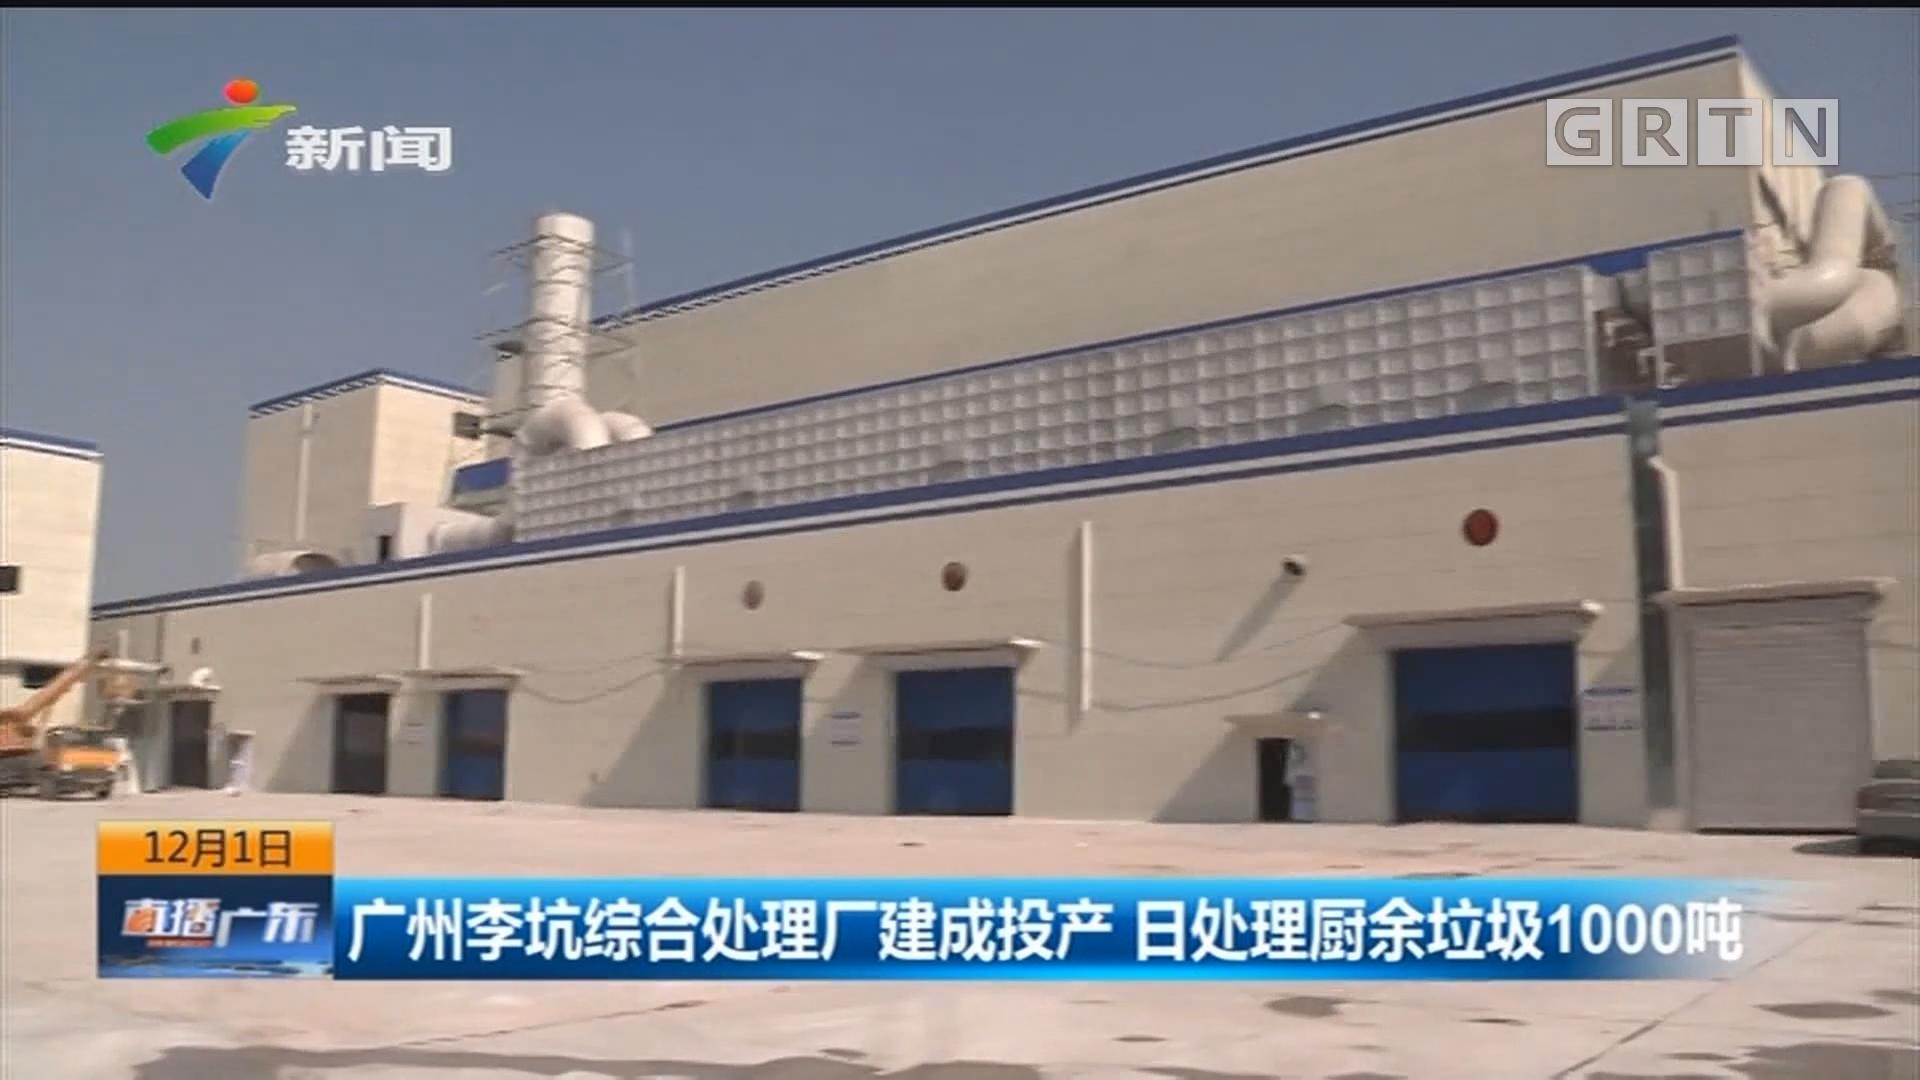 广州李坑综合处理厂建成投产 日处理厨余垃圾1000吨